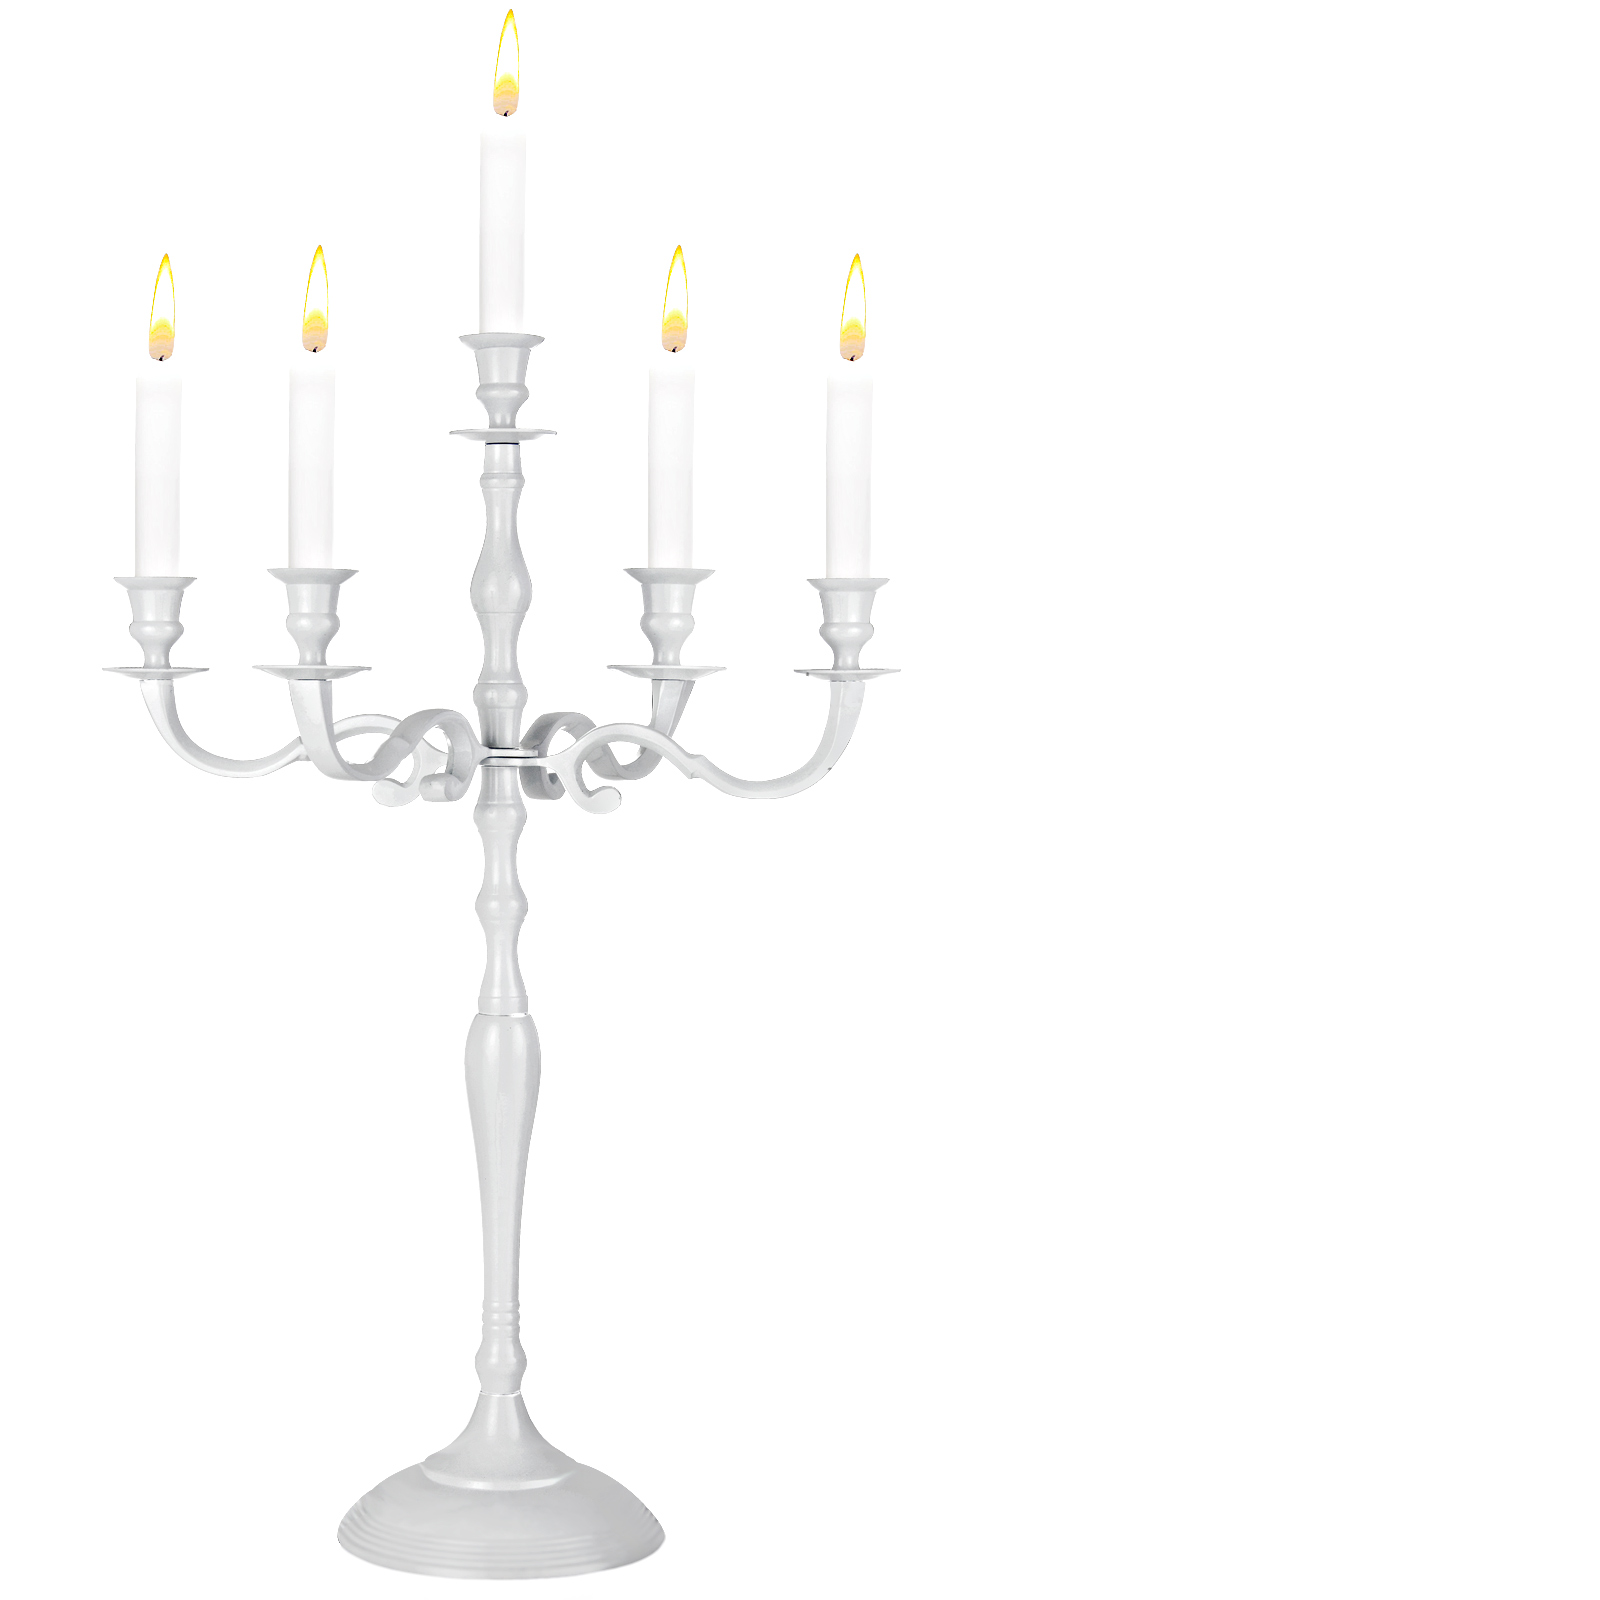 88105203 Kerzenleuchter 5-armig 40cm Aluminium vernickelt weiß